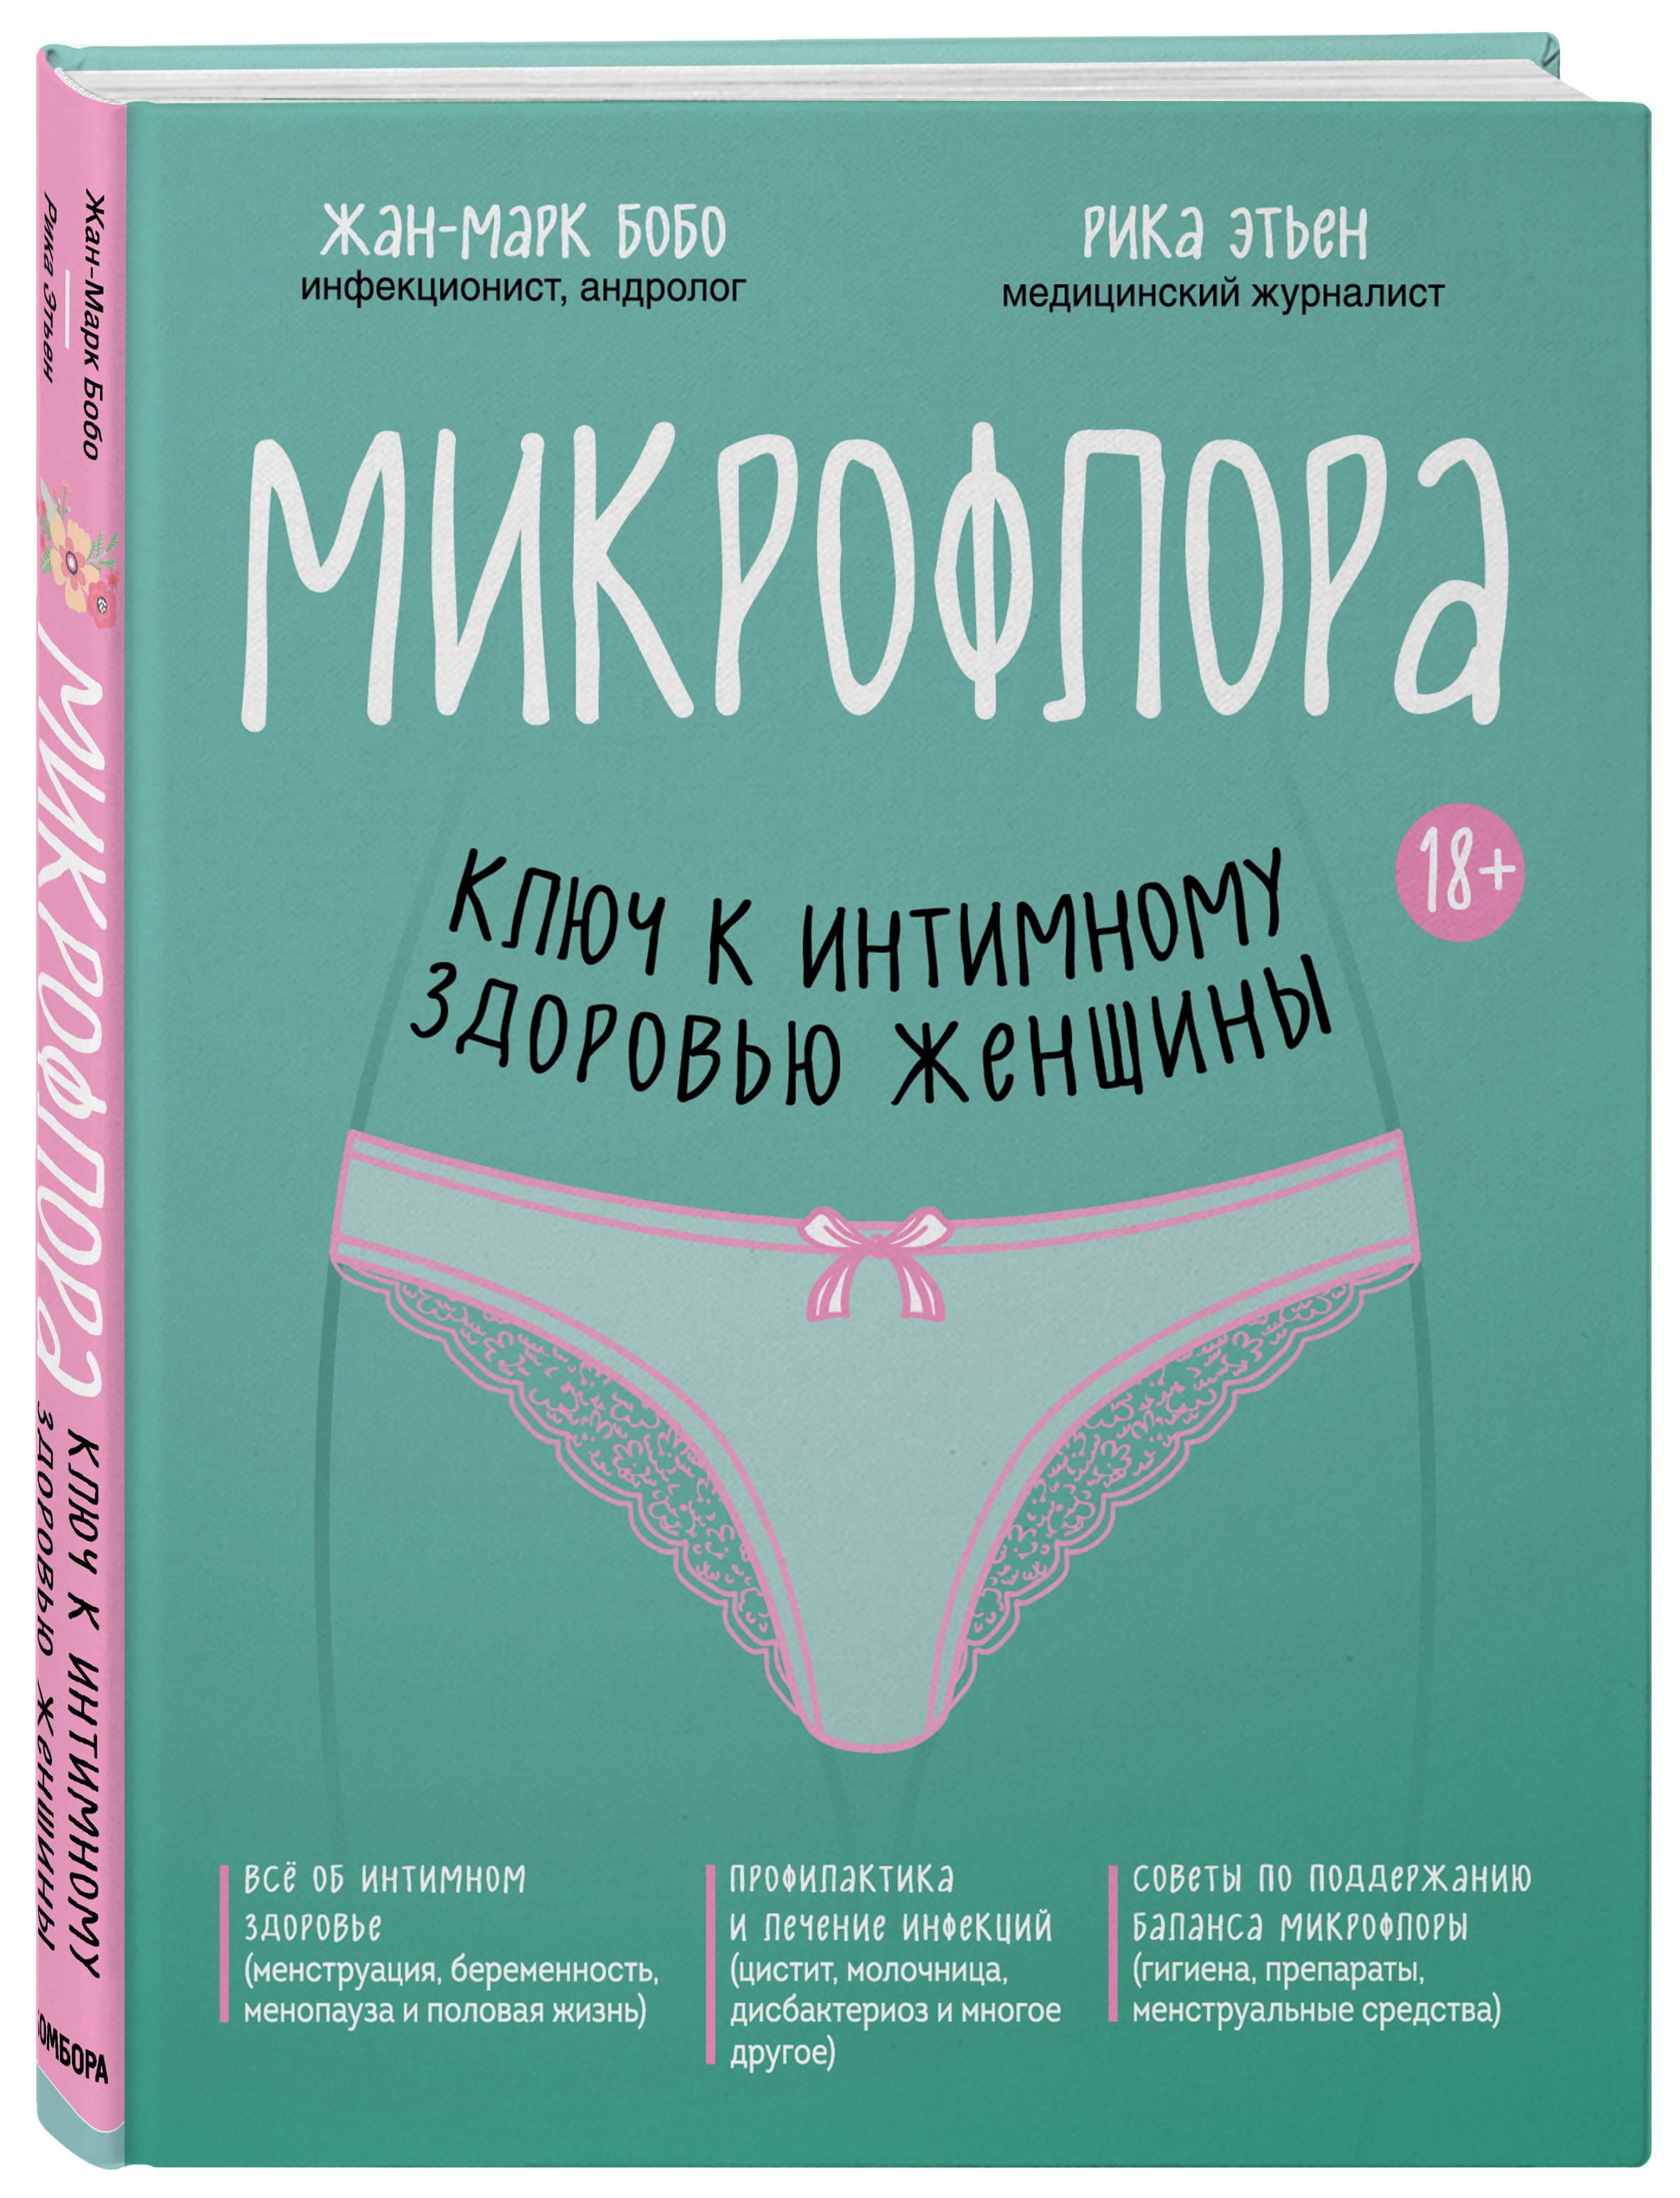 Микрофлора: ключ к интимному здоровью женщины (суперобложка) ( Бобо Жан-Марк, Этьен Рика  )